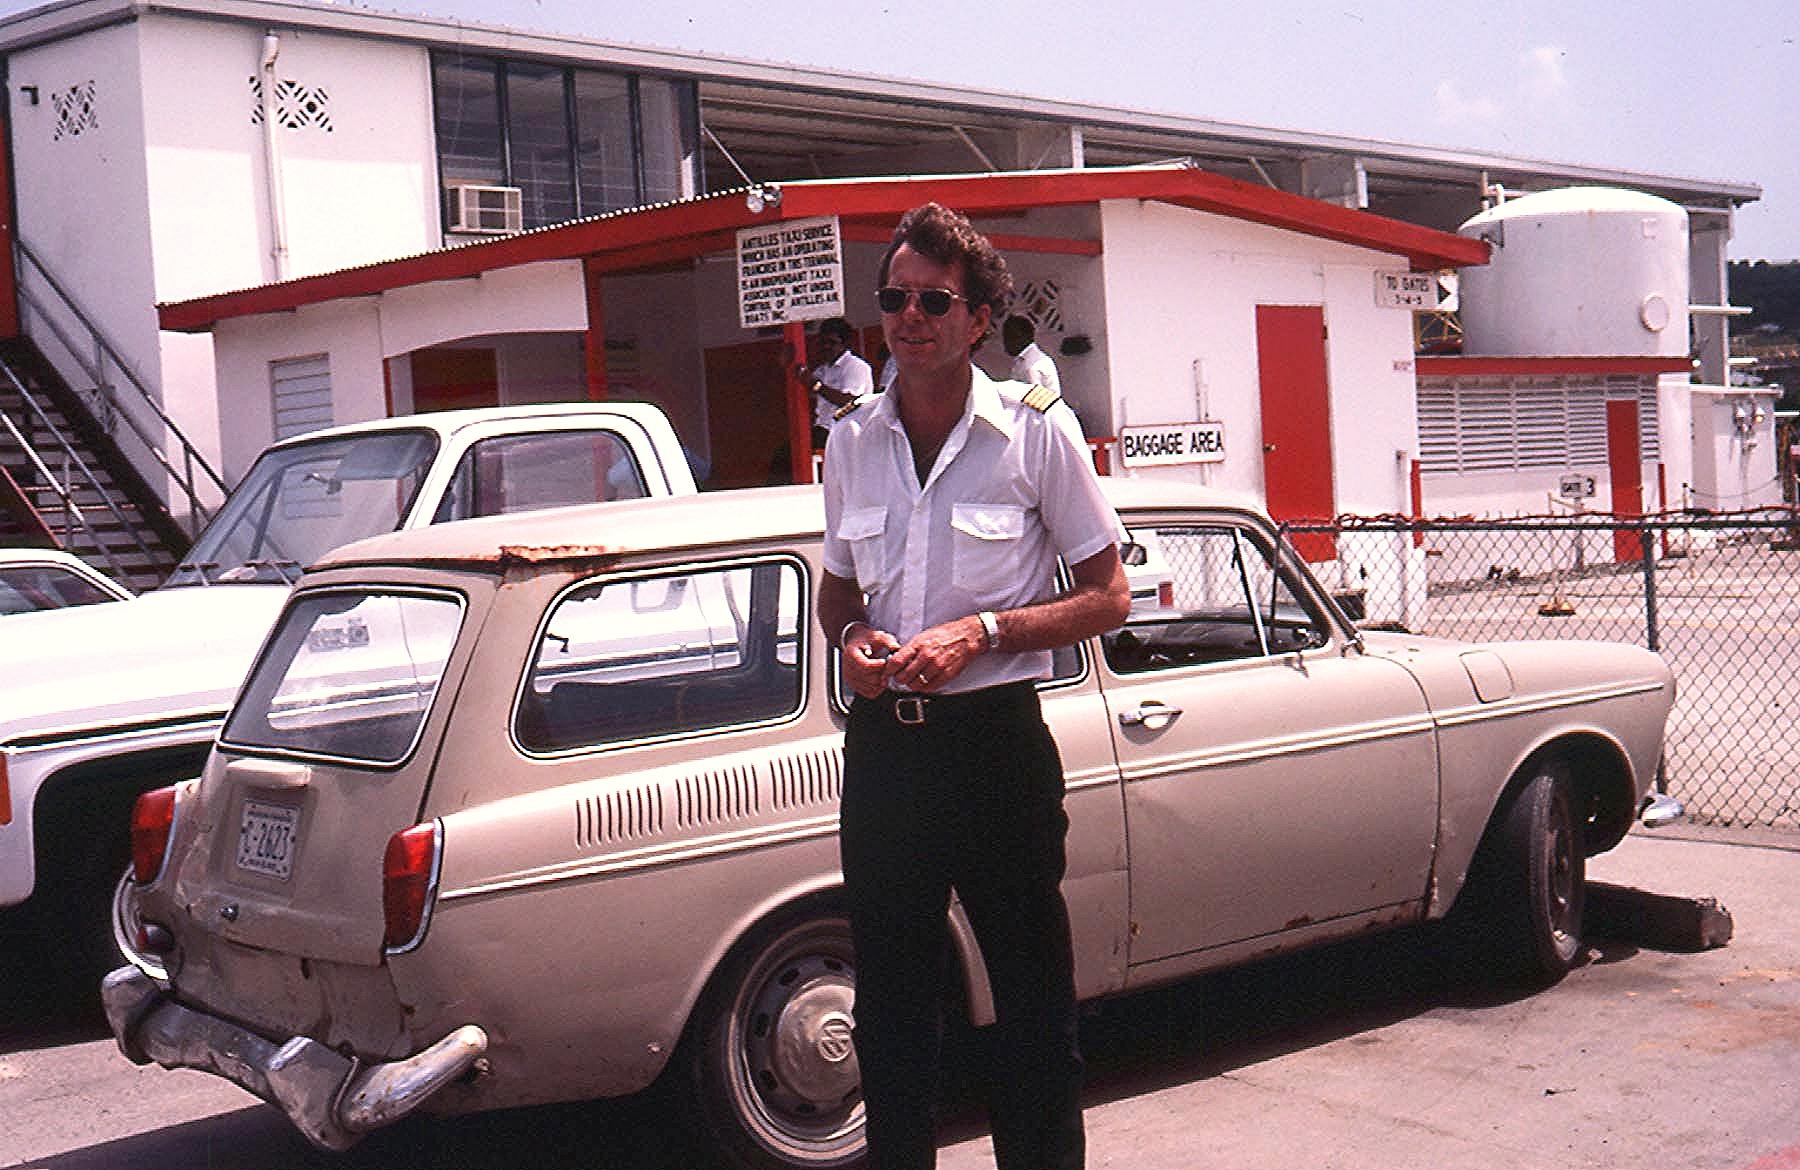 Capt. Don McDermott